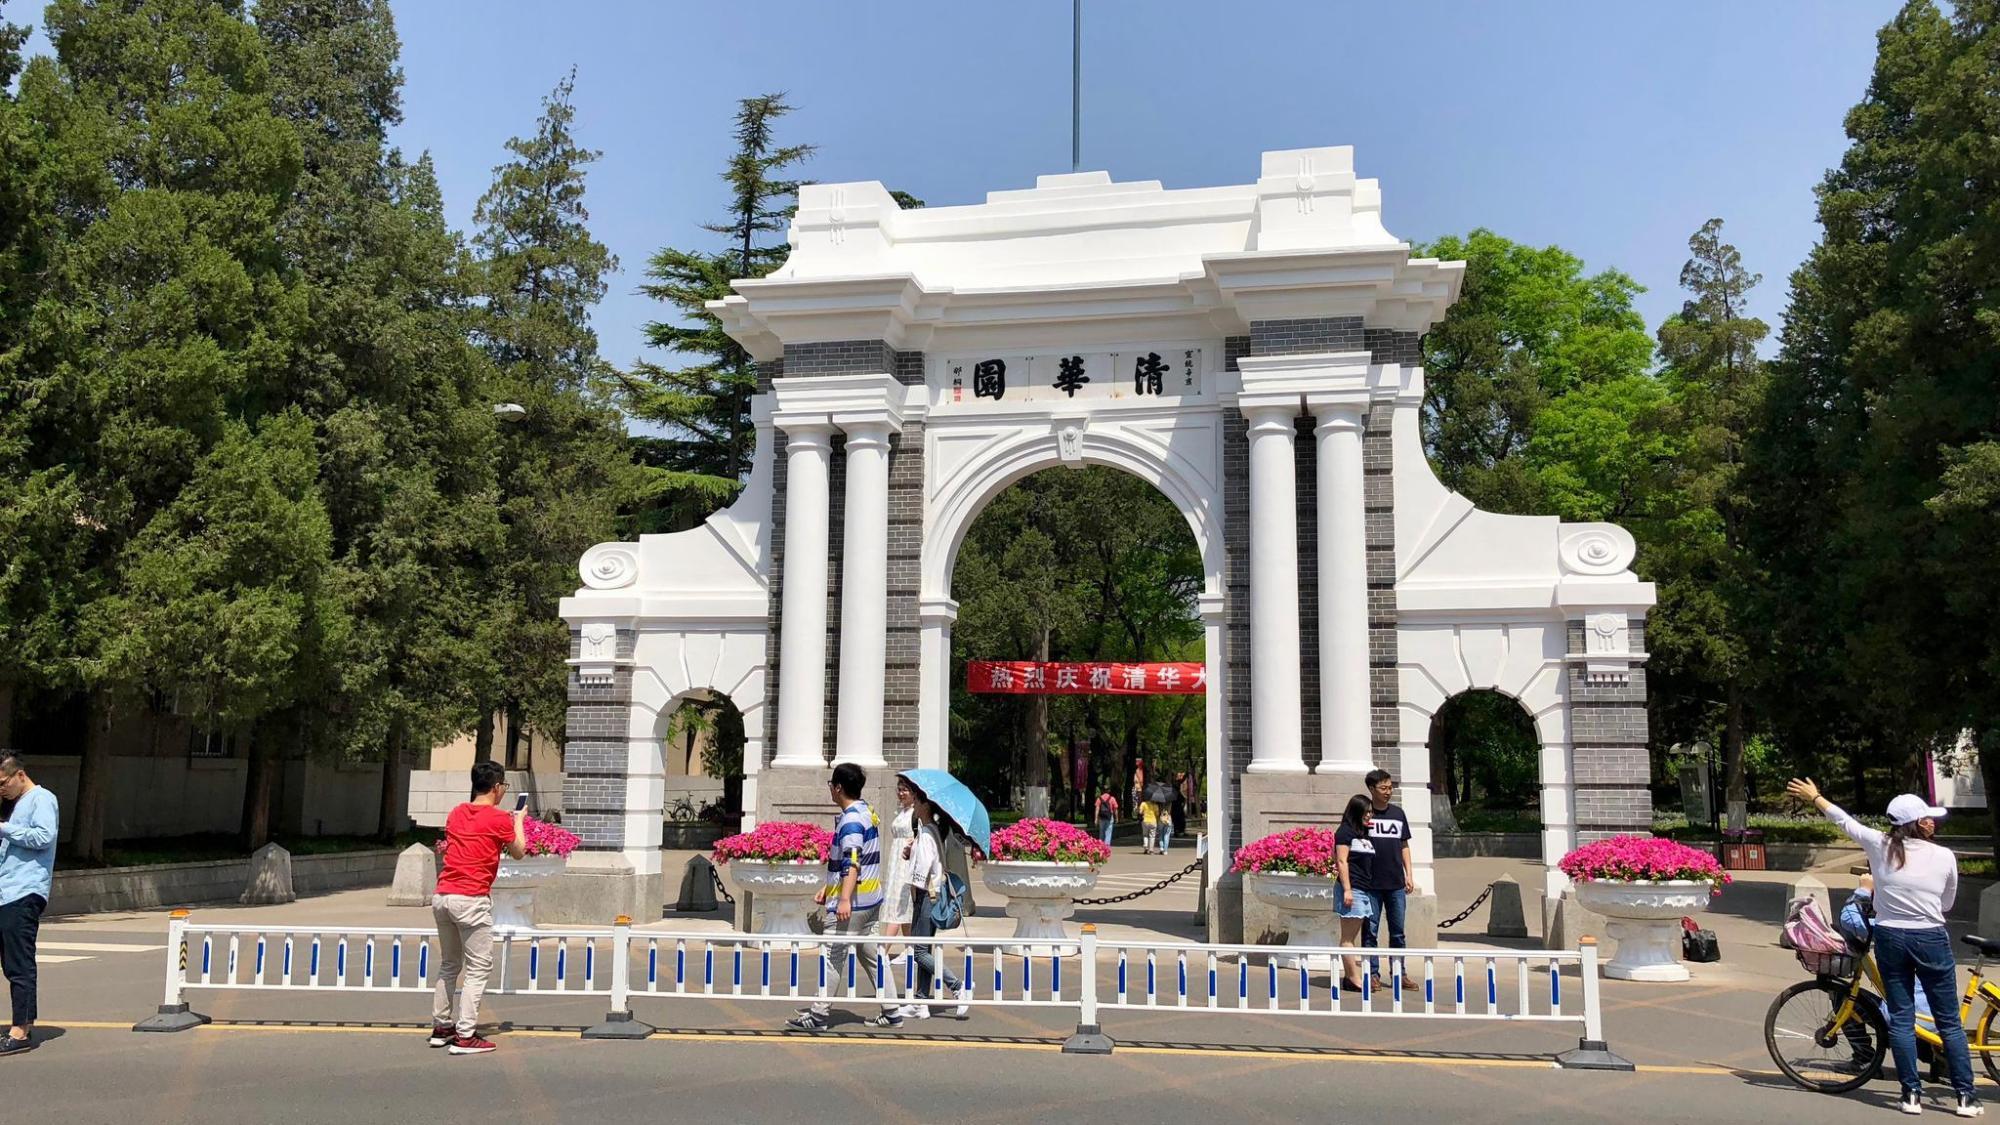 泰晤士高等教育新兴经济体大学排名榜,深圳大学排名全球第84